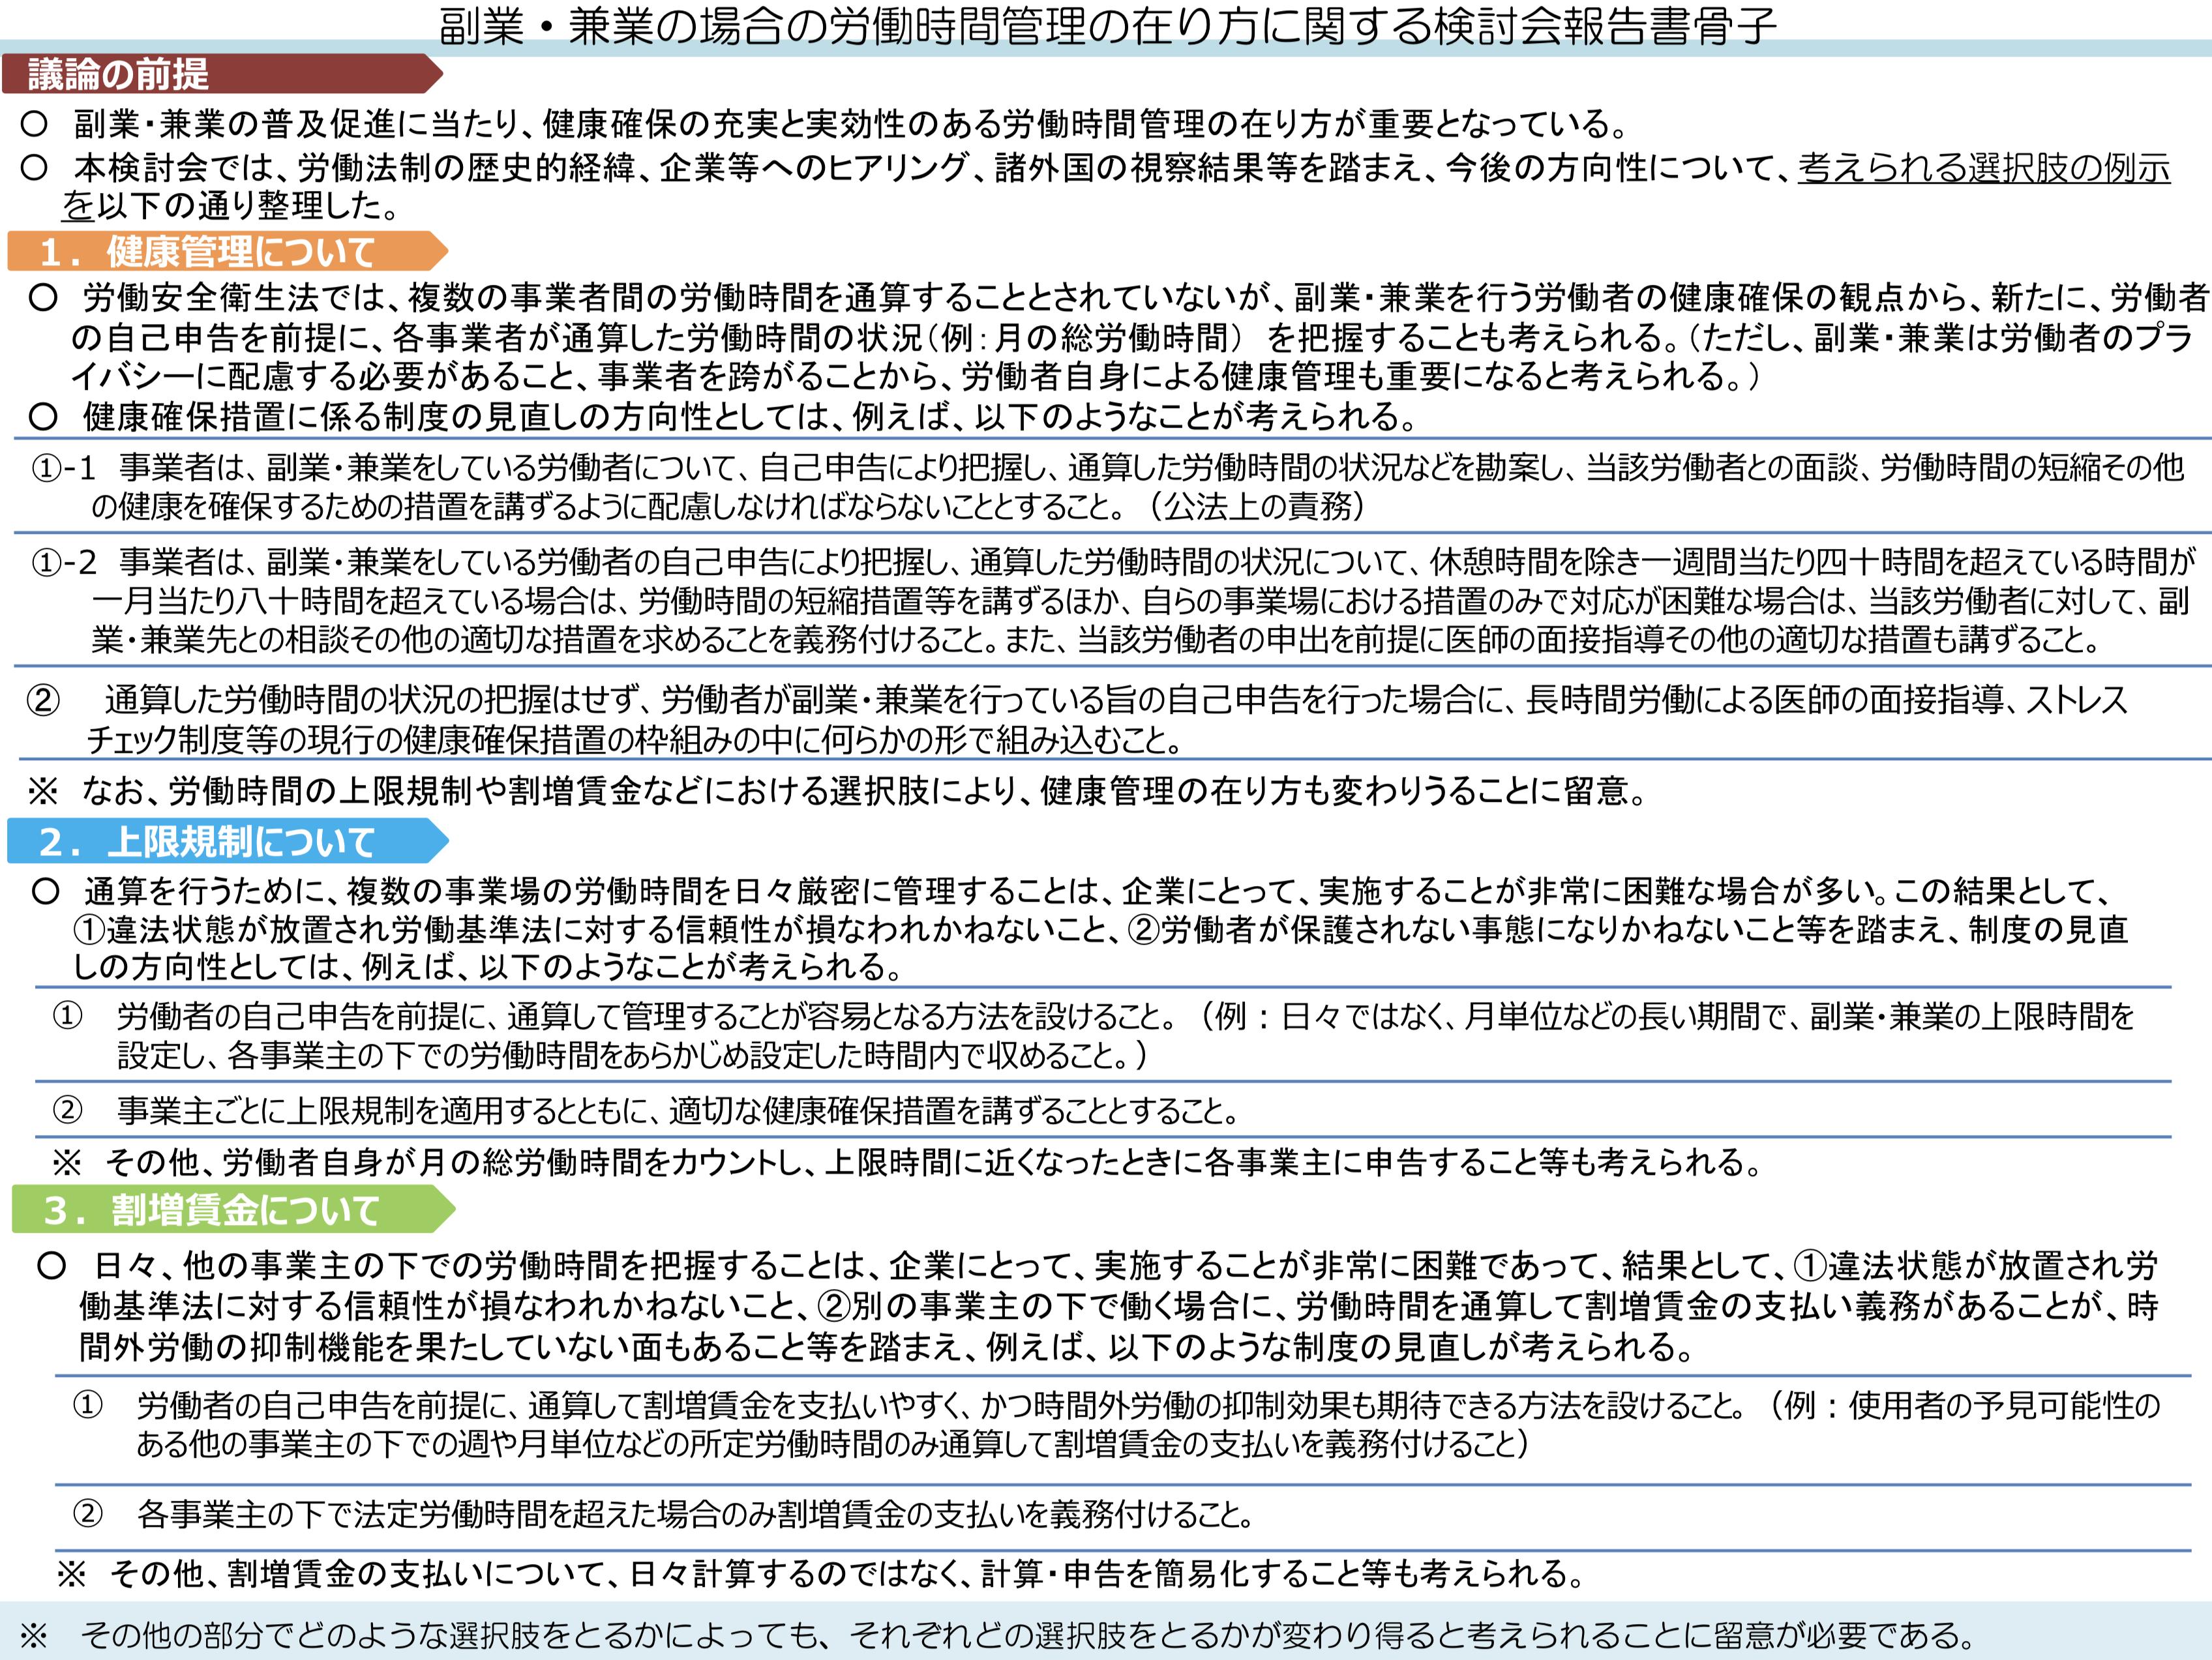 副業・兼業の場合の労働時間管理の在り方に関する検討会報告(令和元年8月8日)